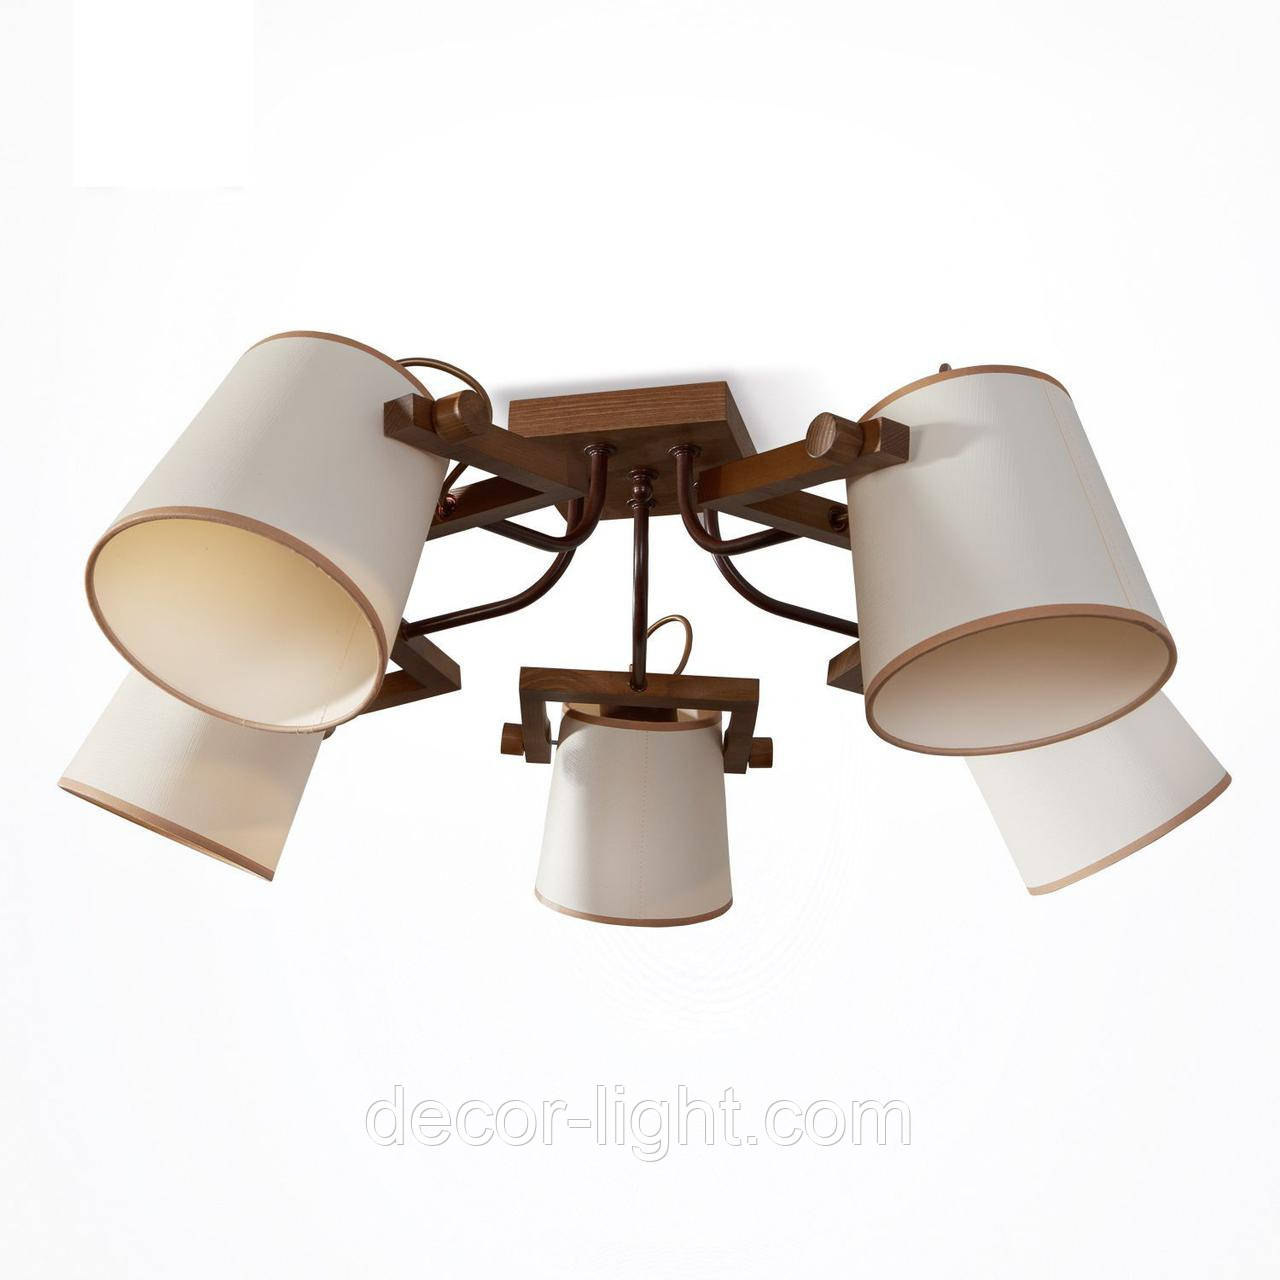 Люстра 5-ти ламповая, металлическая, с деревом и абажурами, спальня, зал, гостиная 20205-2